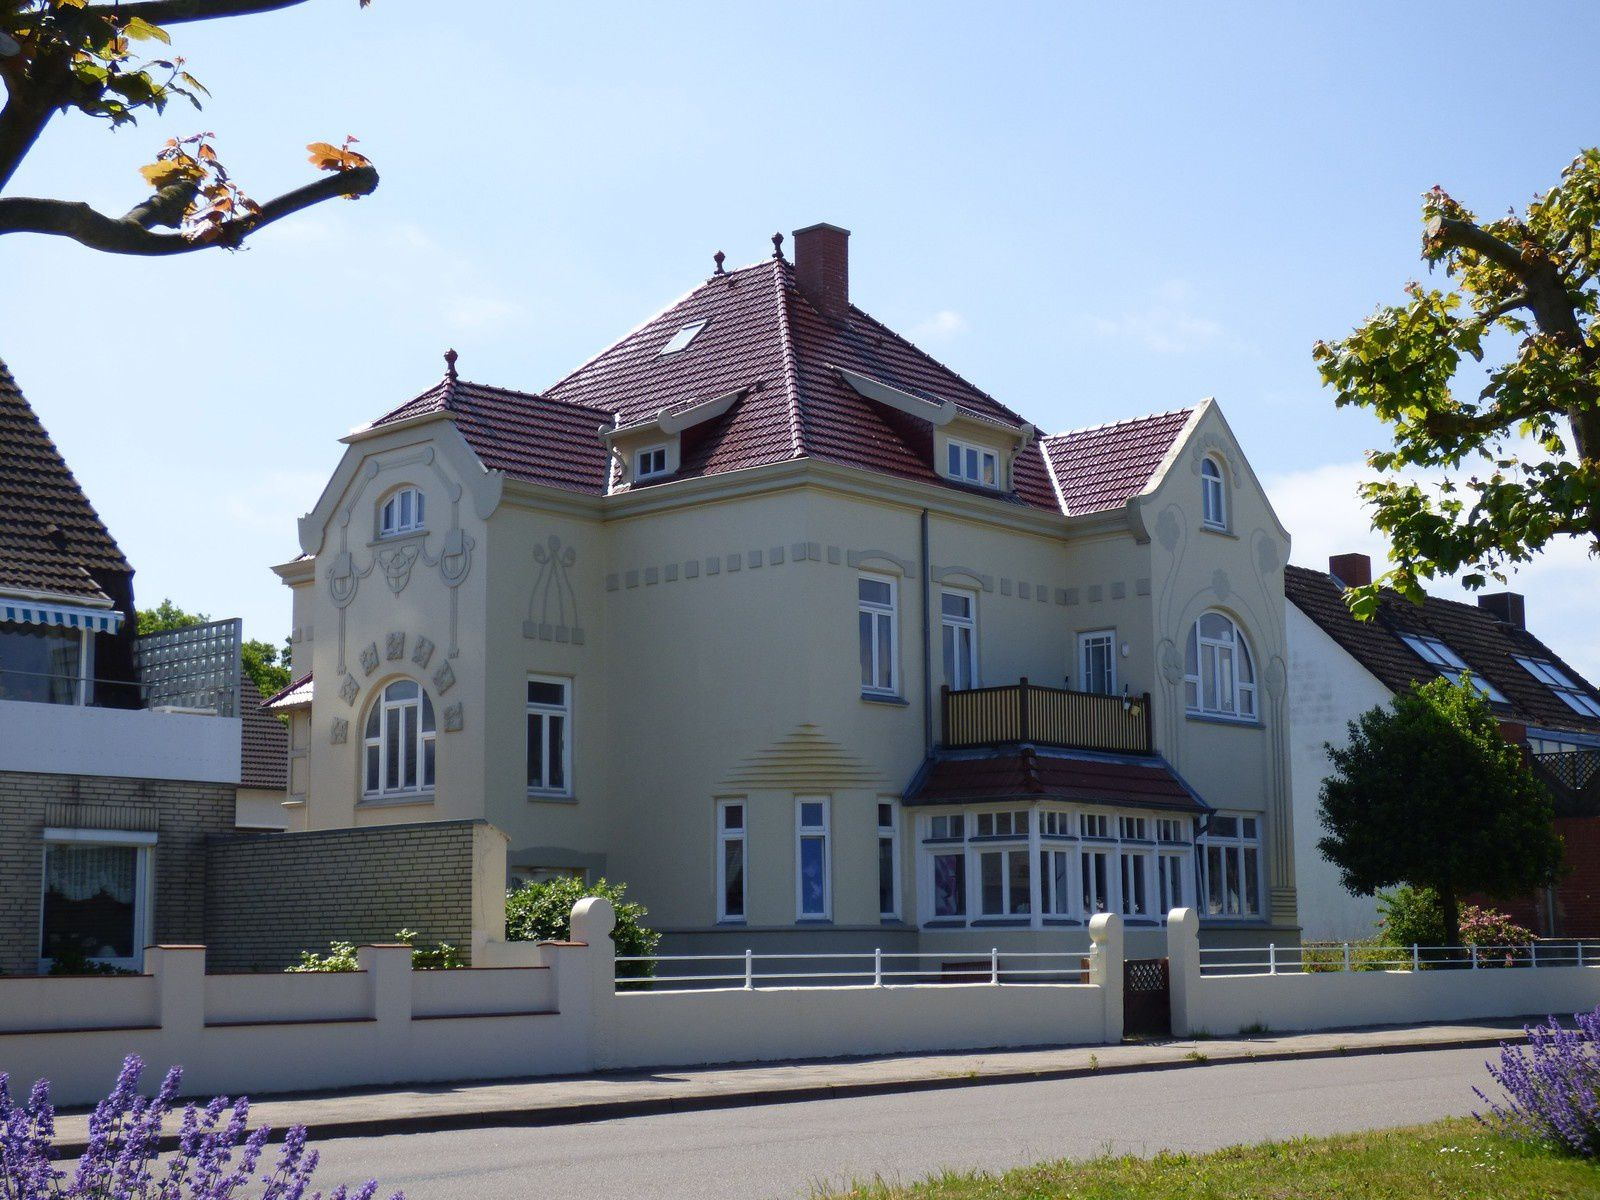 La jolie station balnéaire de Laboe, à l'embouchure du fjord de Kiel